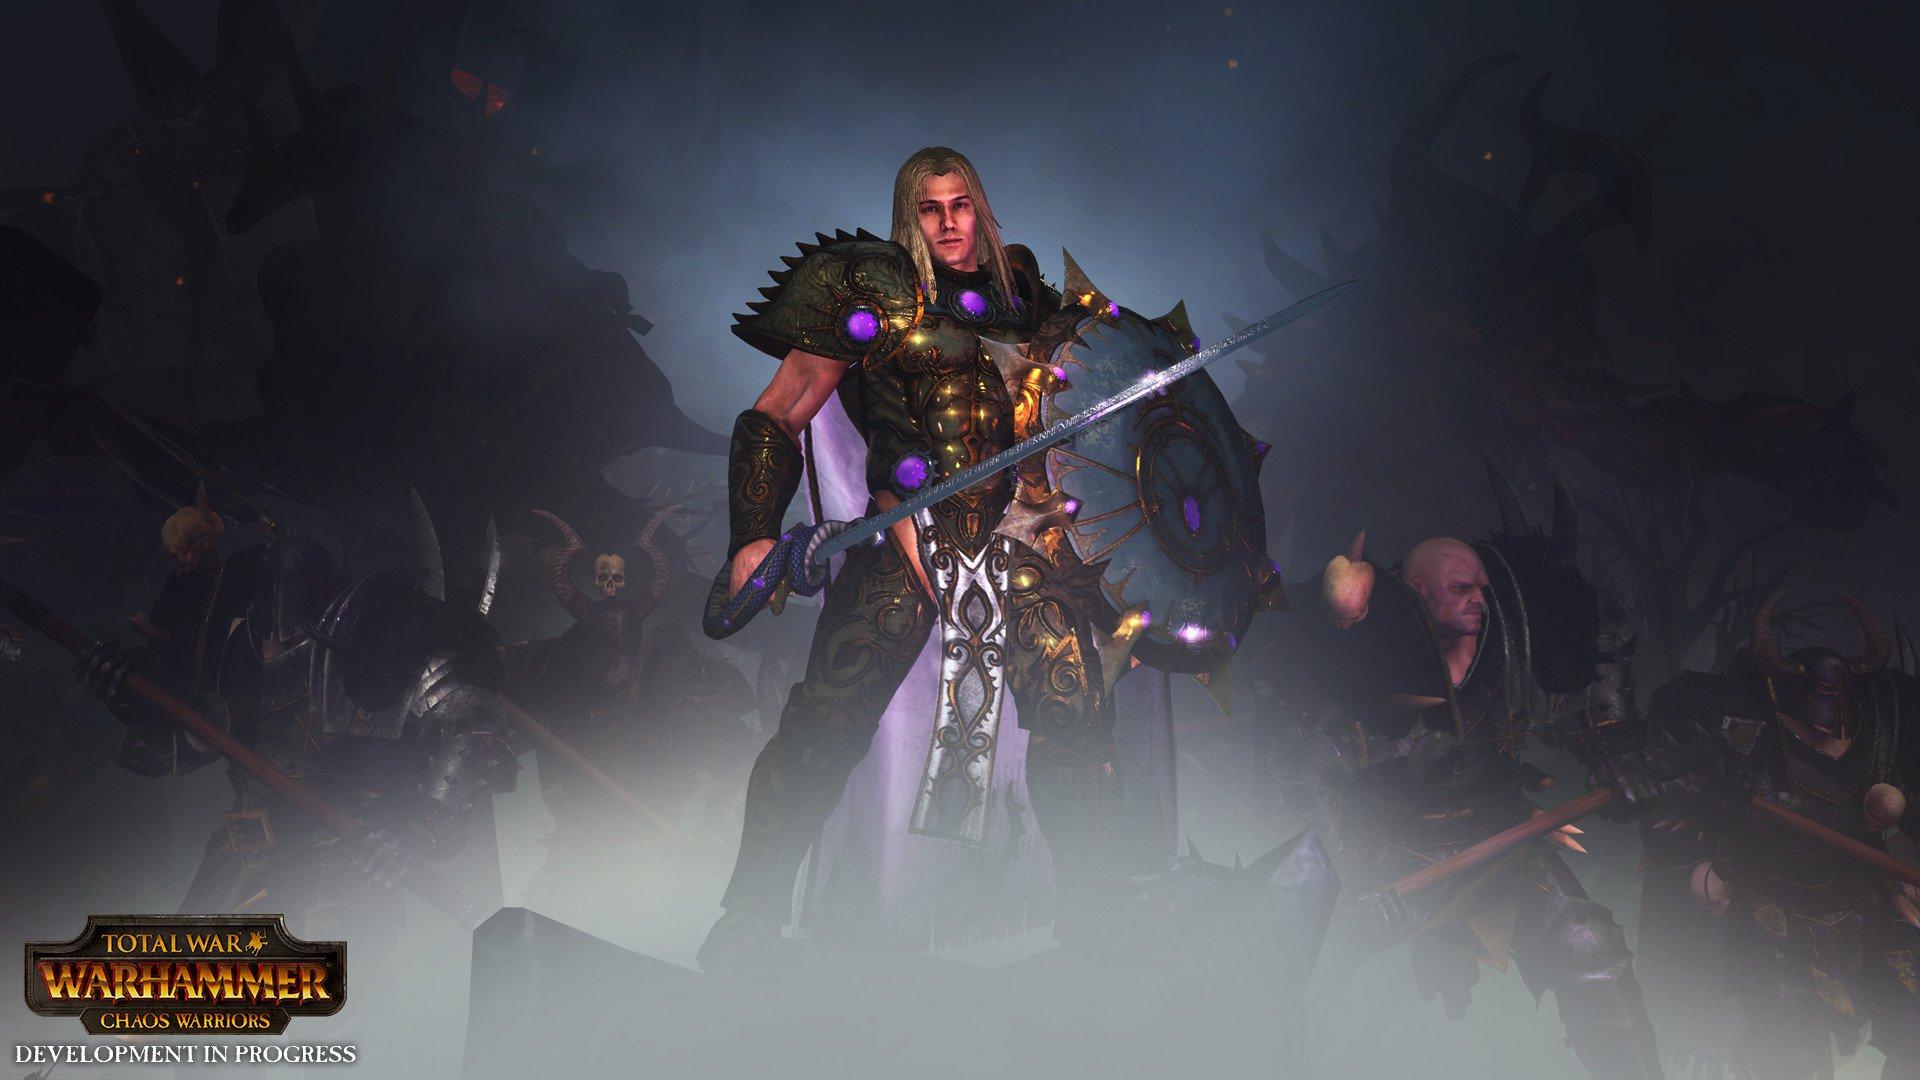 Total War WARHAMMER Chaos Warriors Race Pack 6